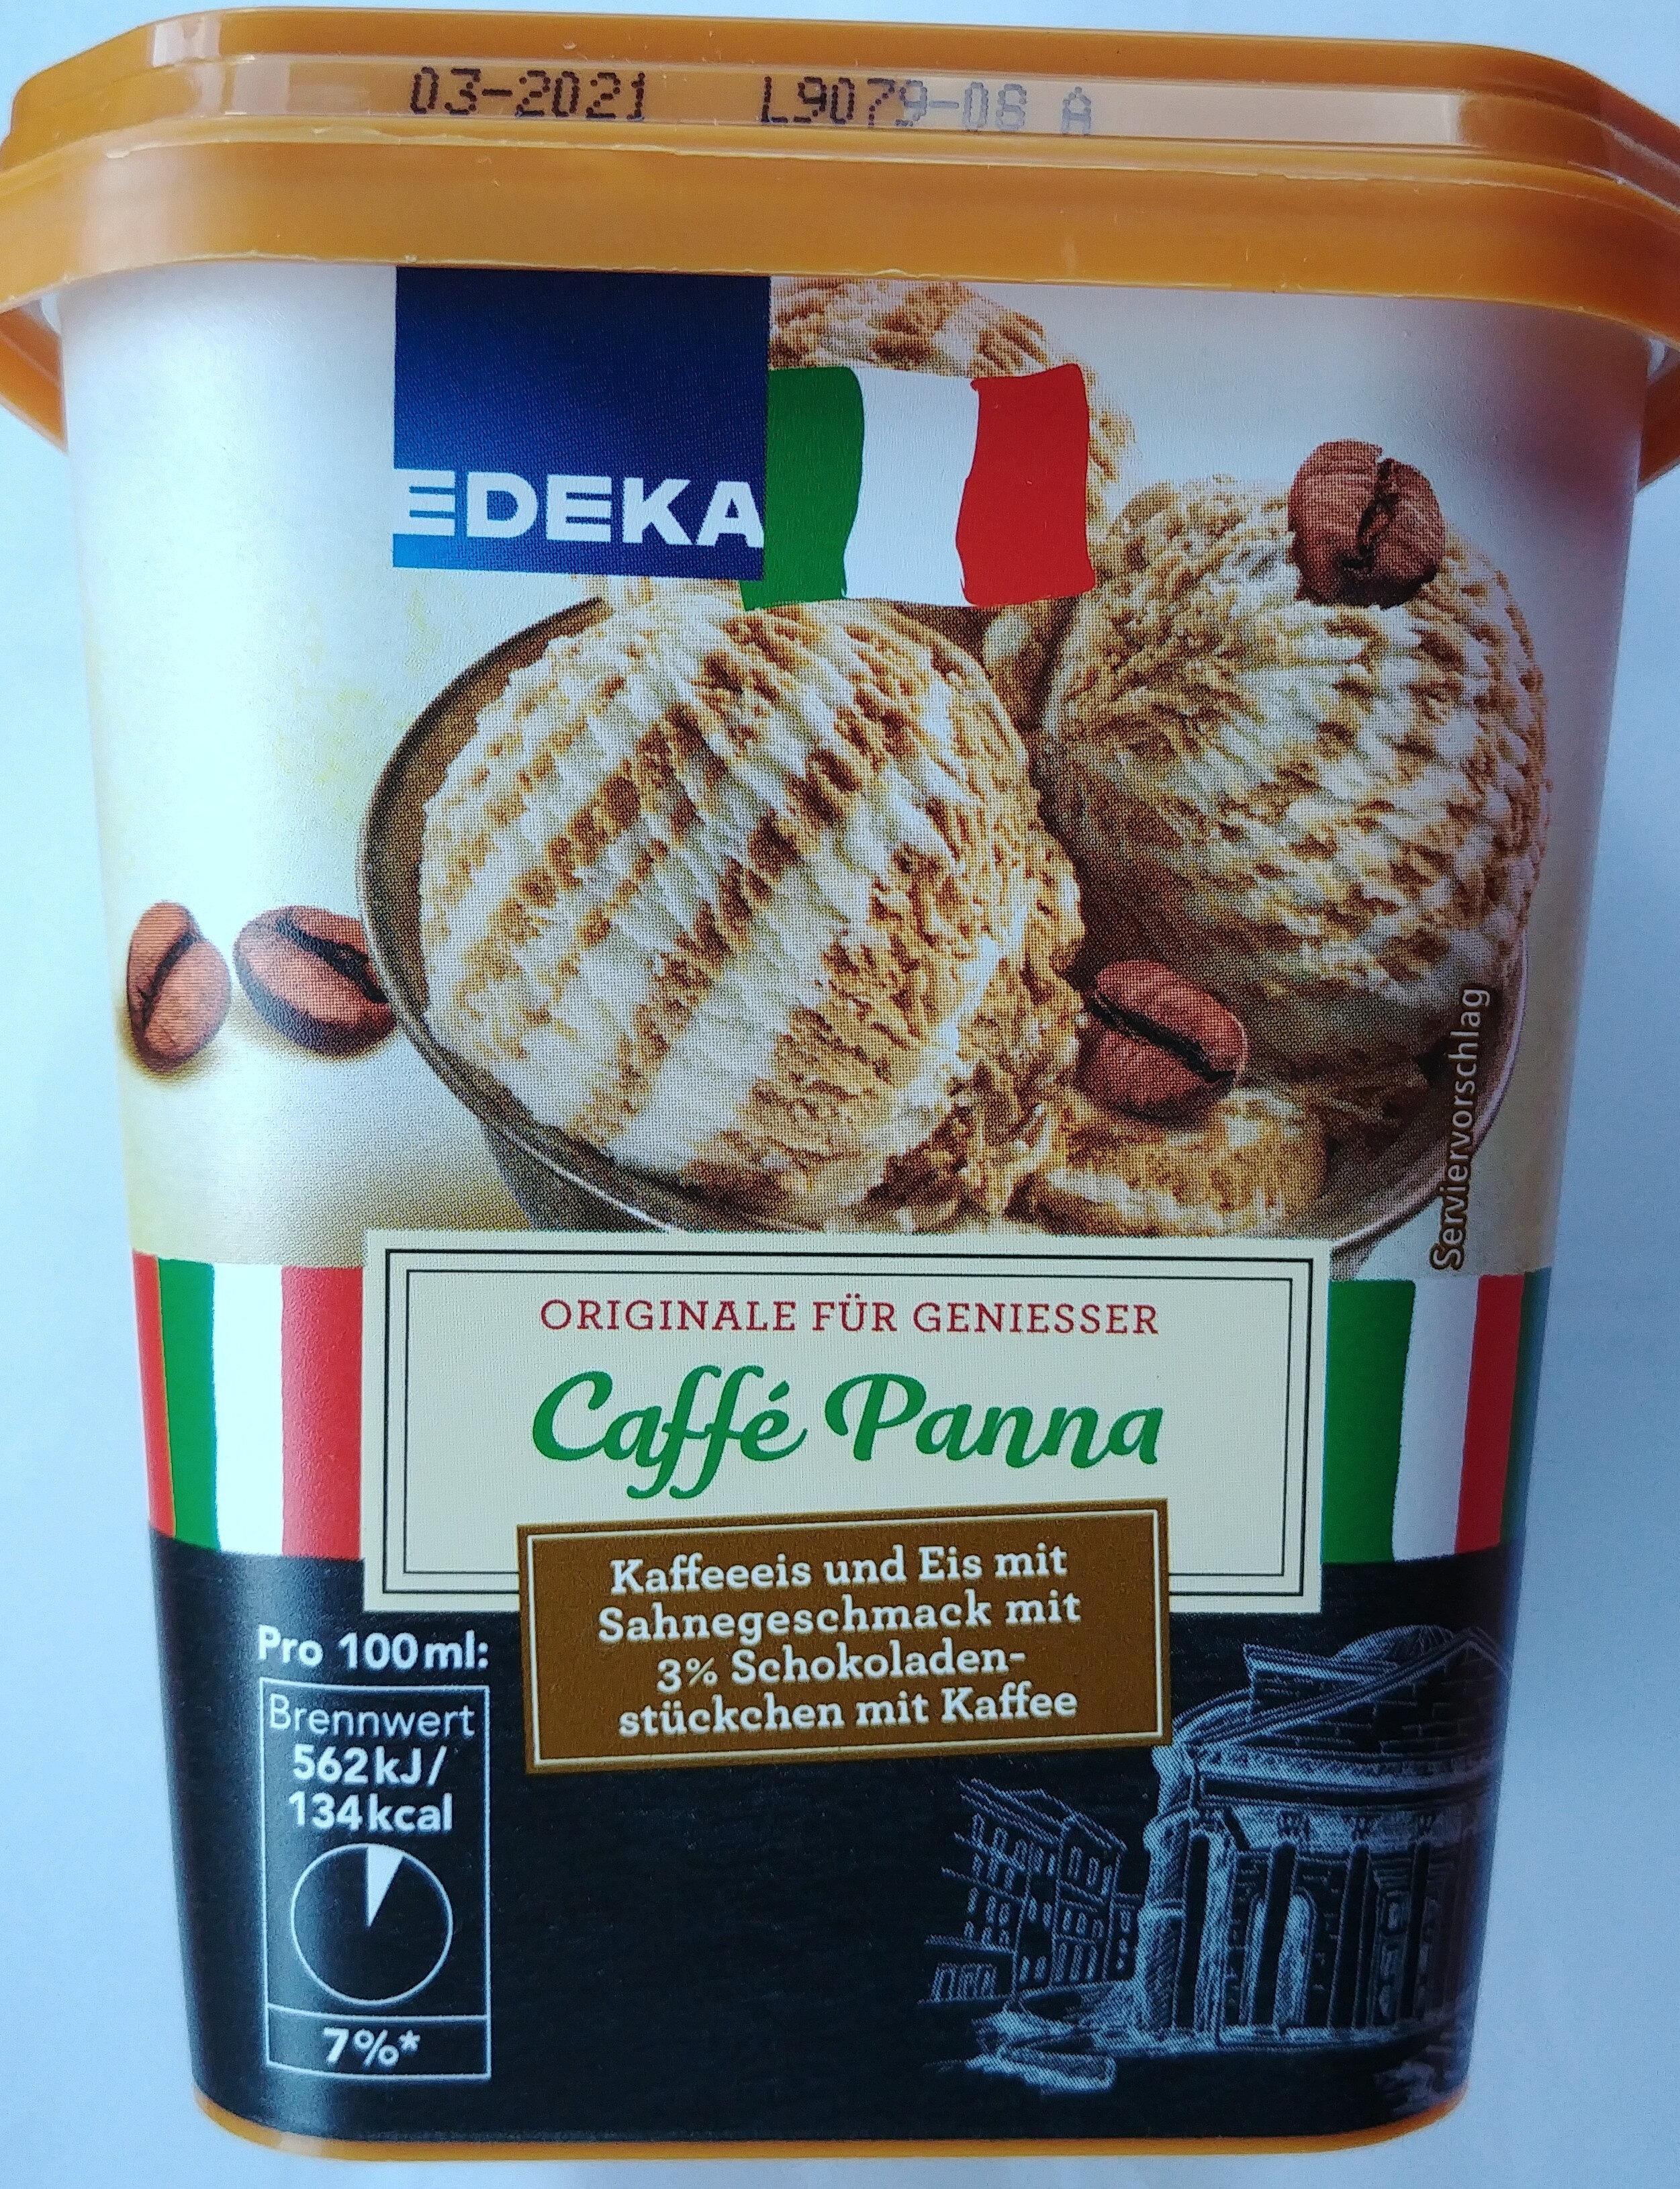 Kaffeeeis und Eis mit Sahnegeschmack mit 3% Schokoladenstückchen mit Kaffee. - Product